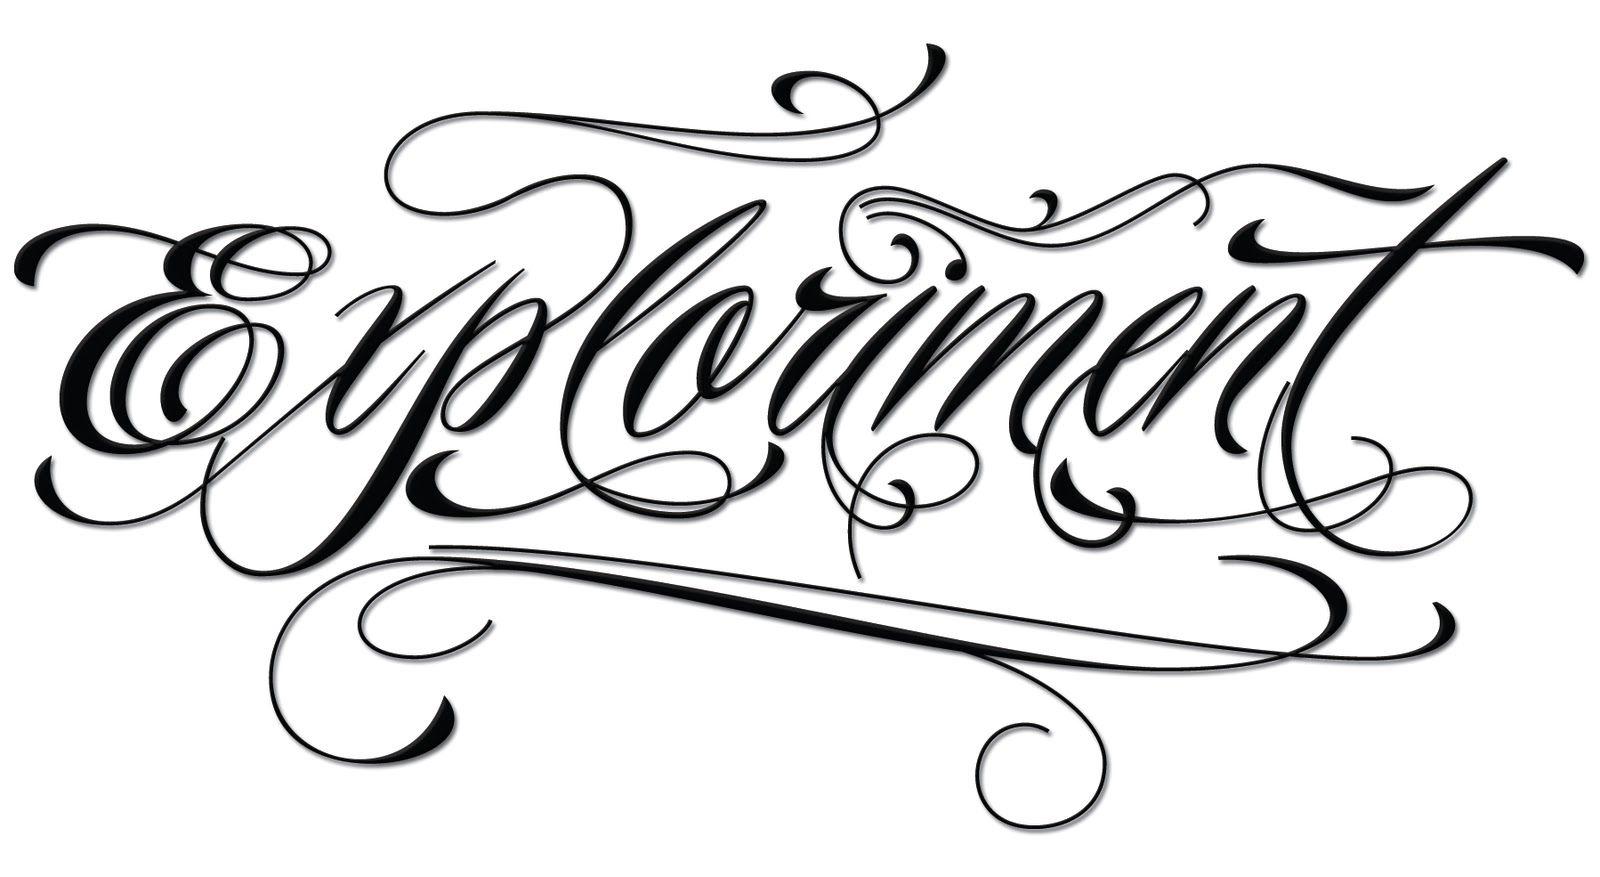 Tattoo Script Font Maker › Piel Script Tattoo Font.